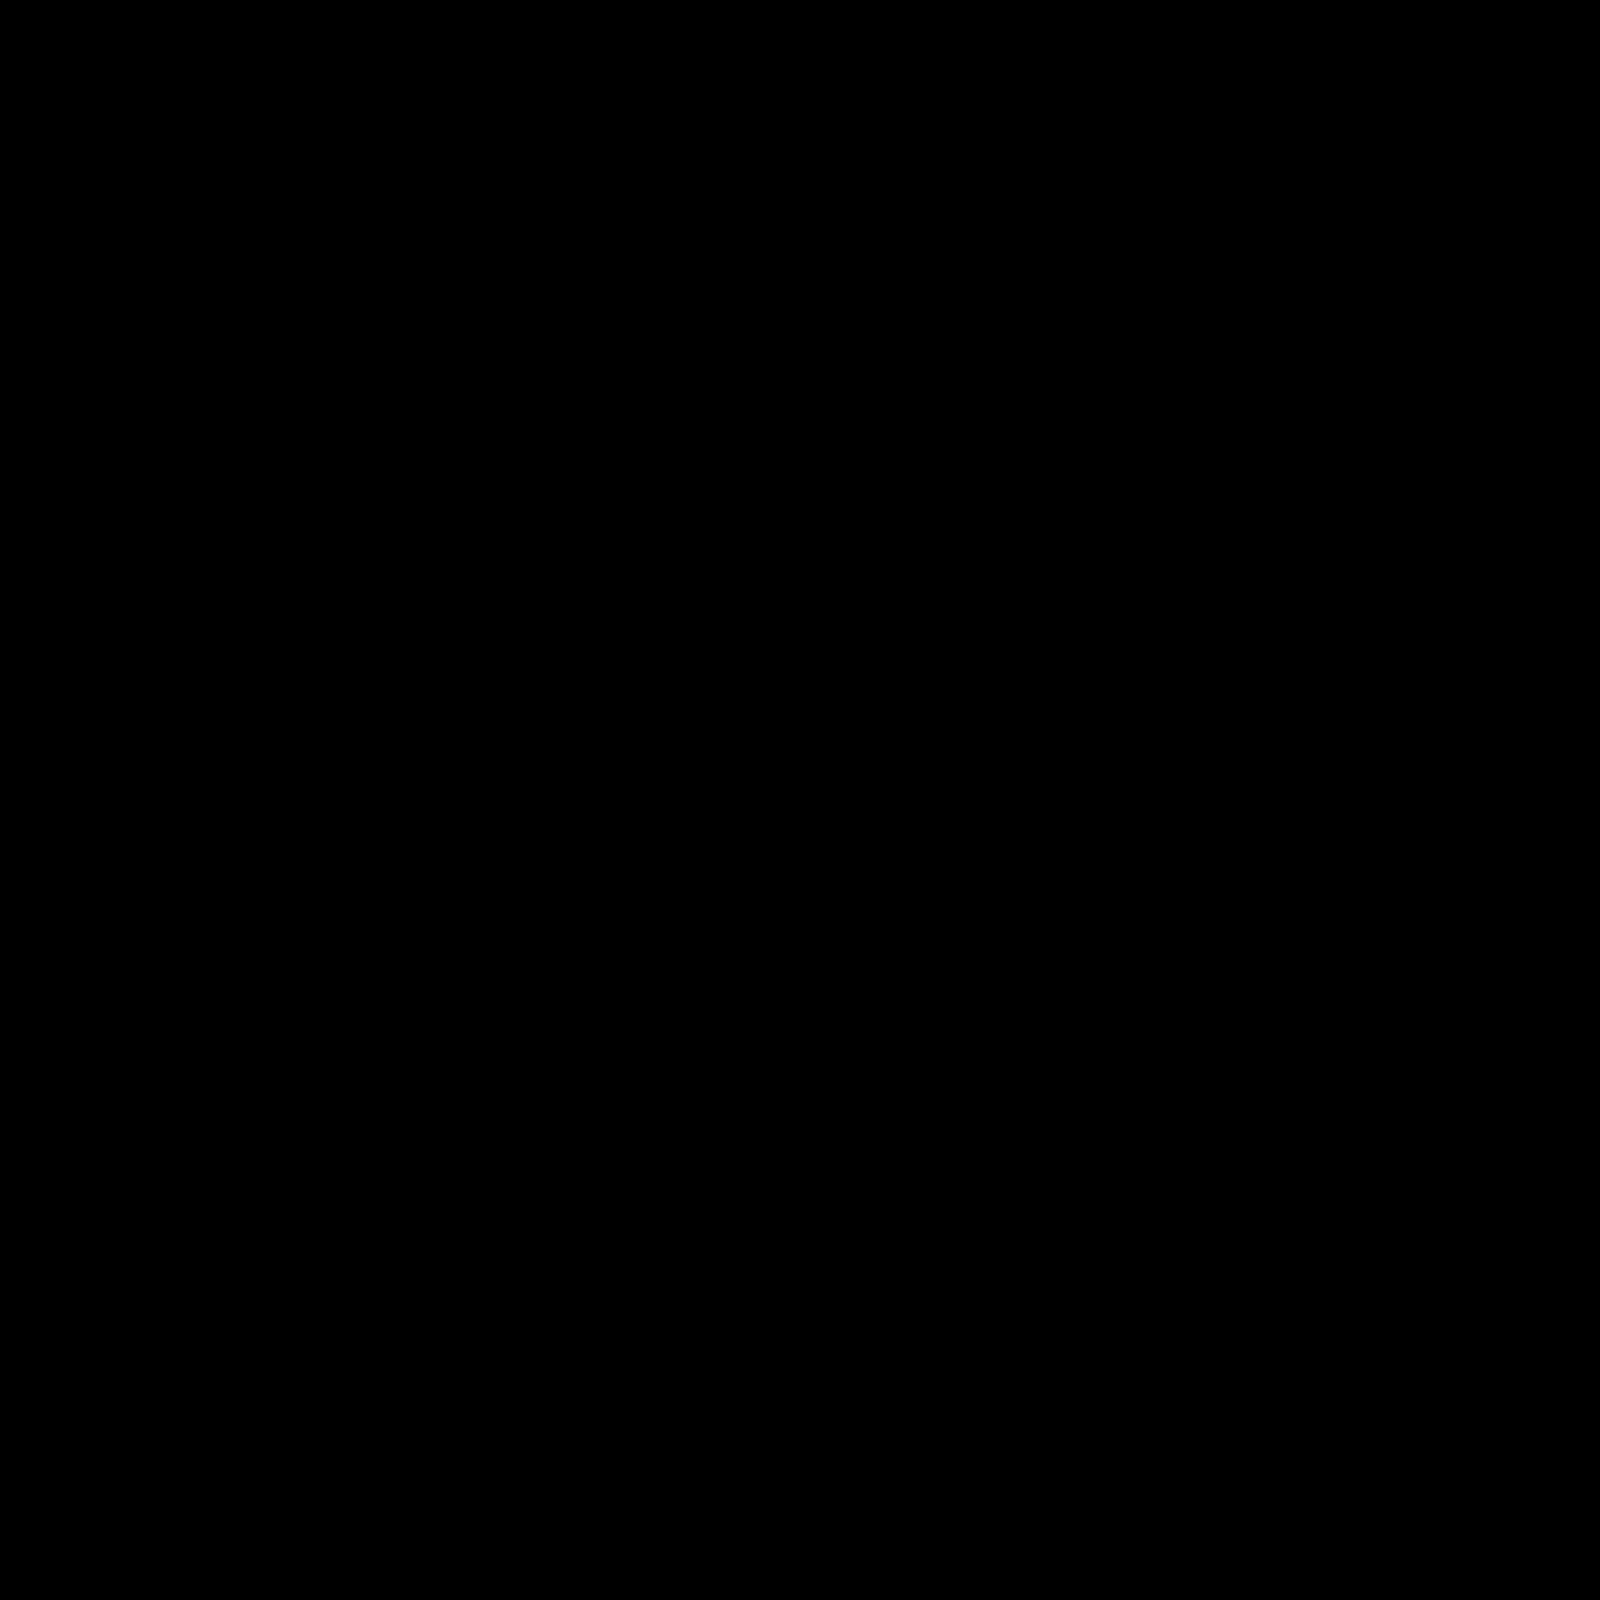 Igła icon